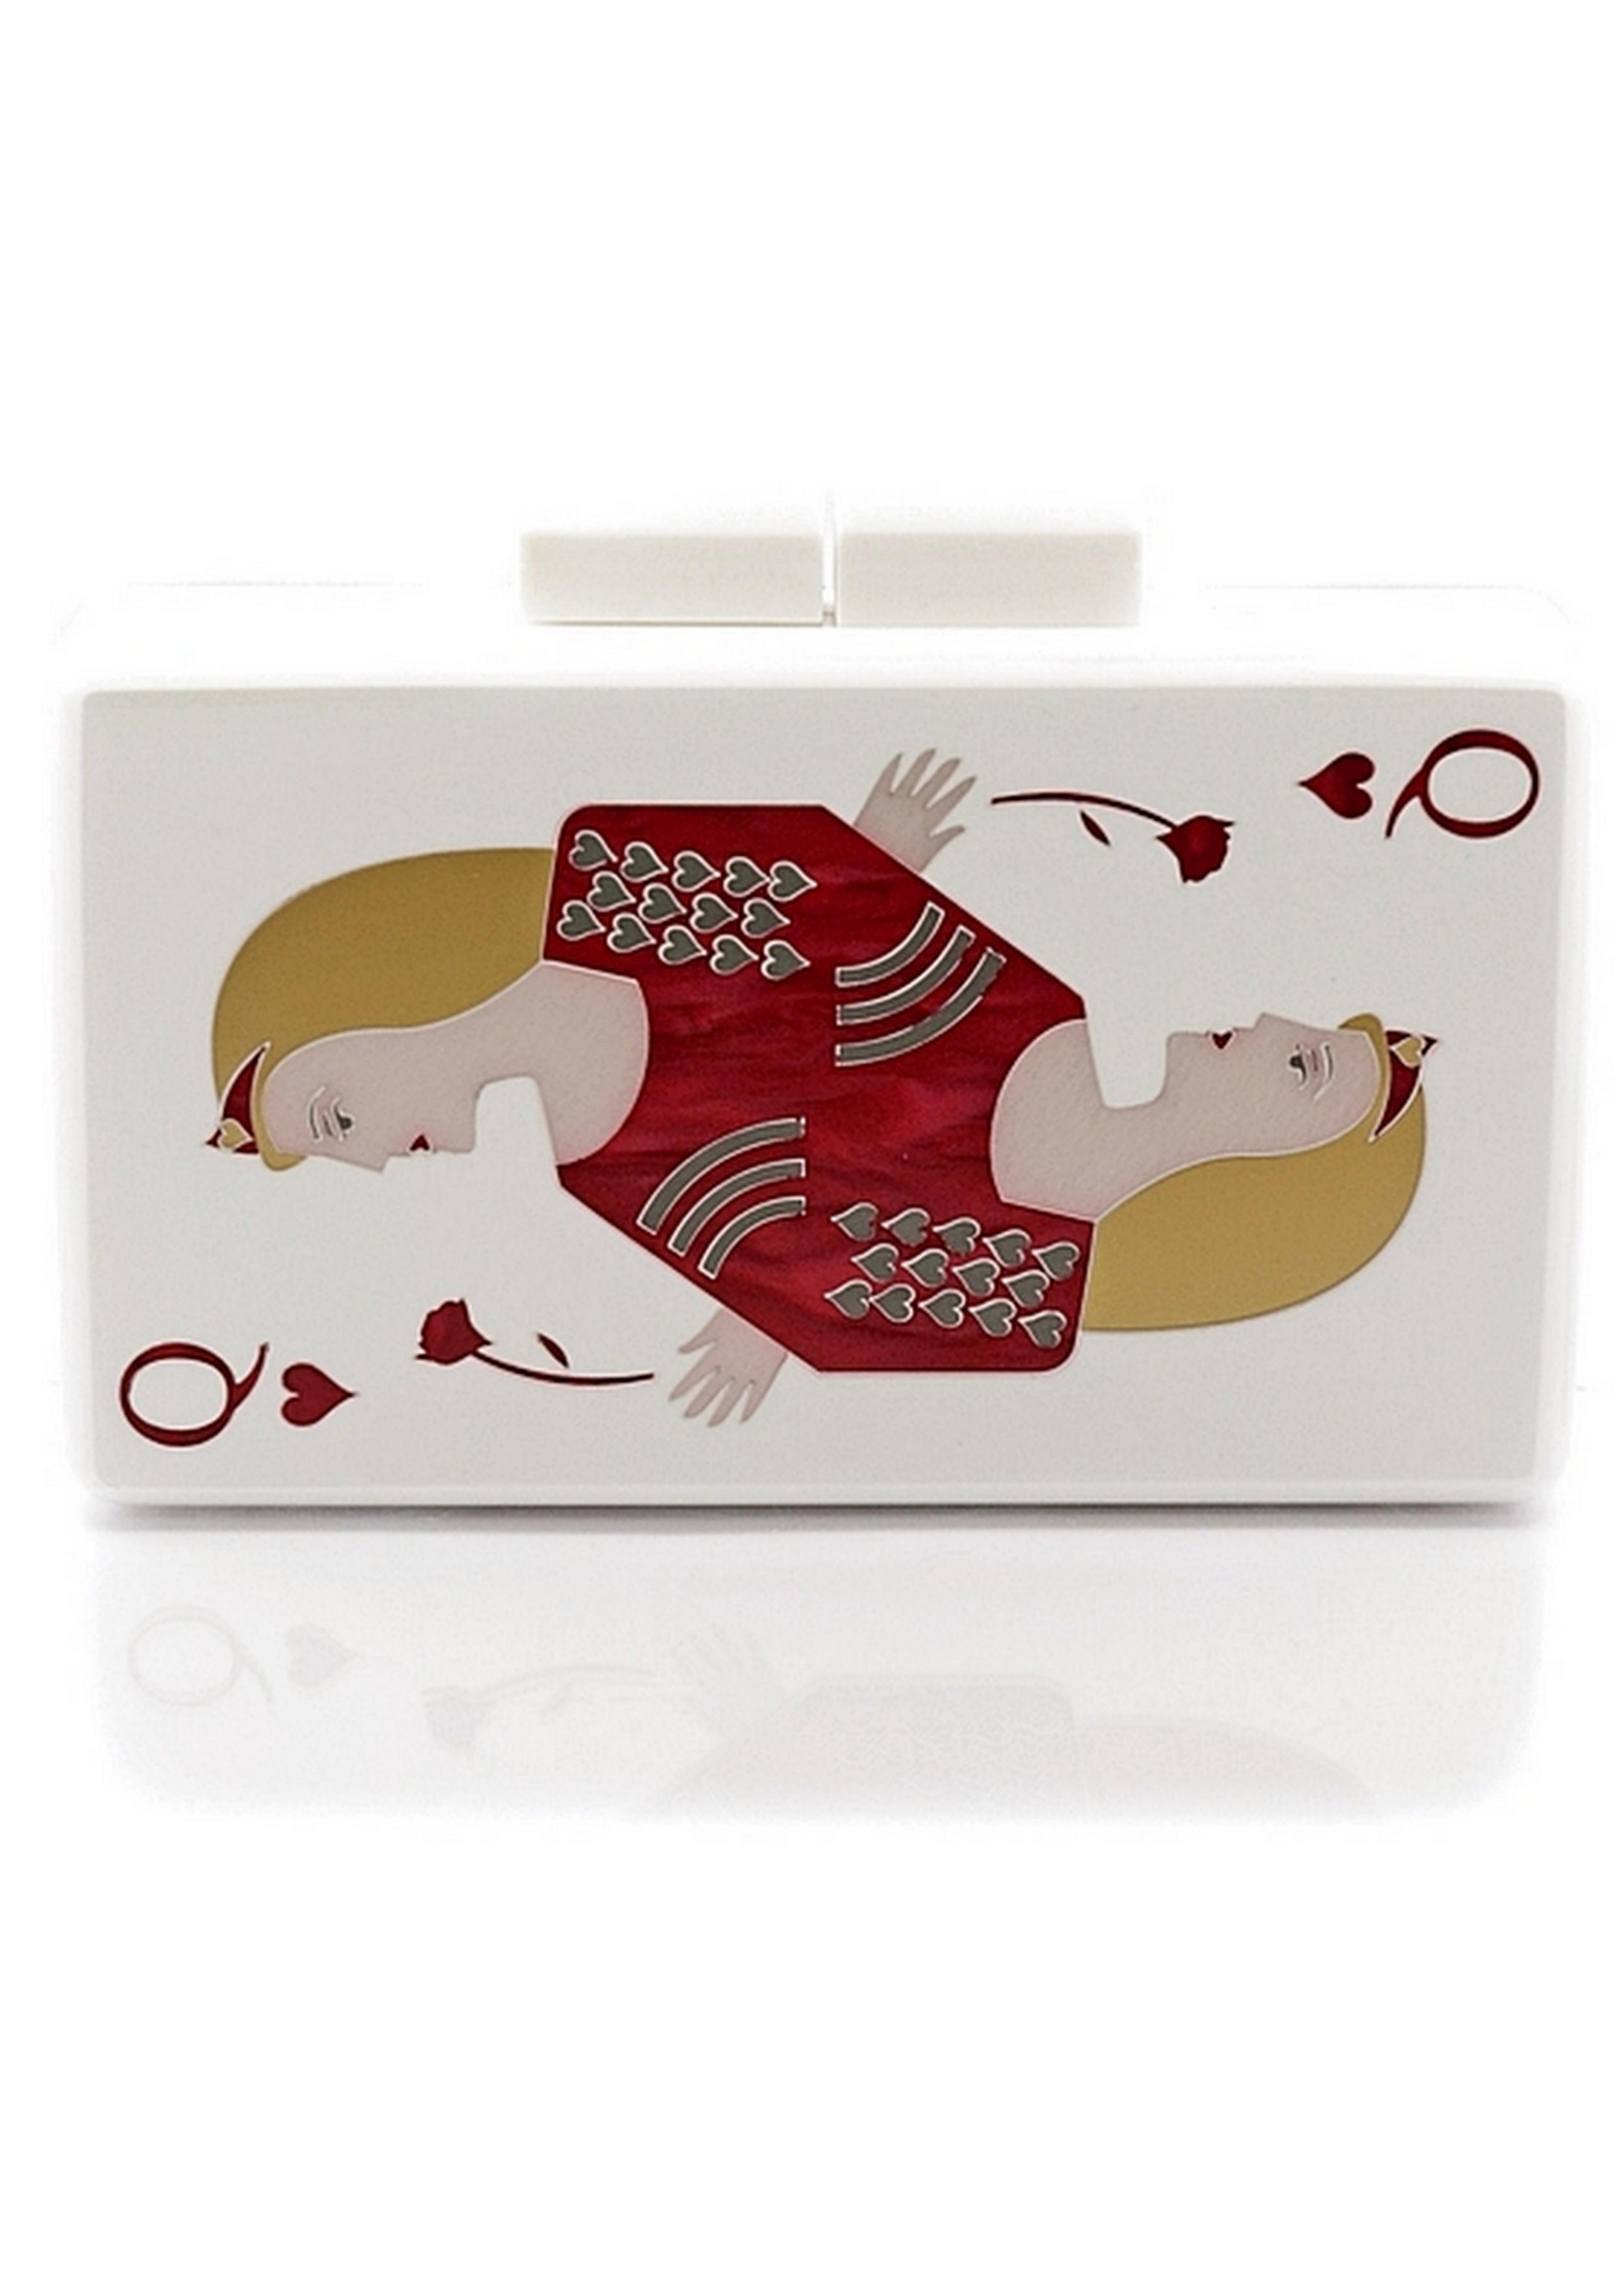 urania-gazelli-queen-of-hearts-clutch